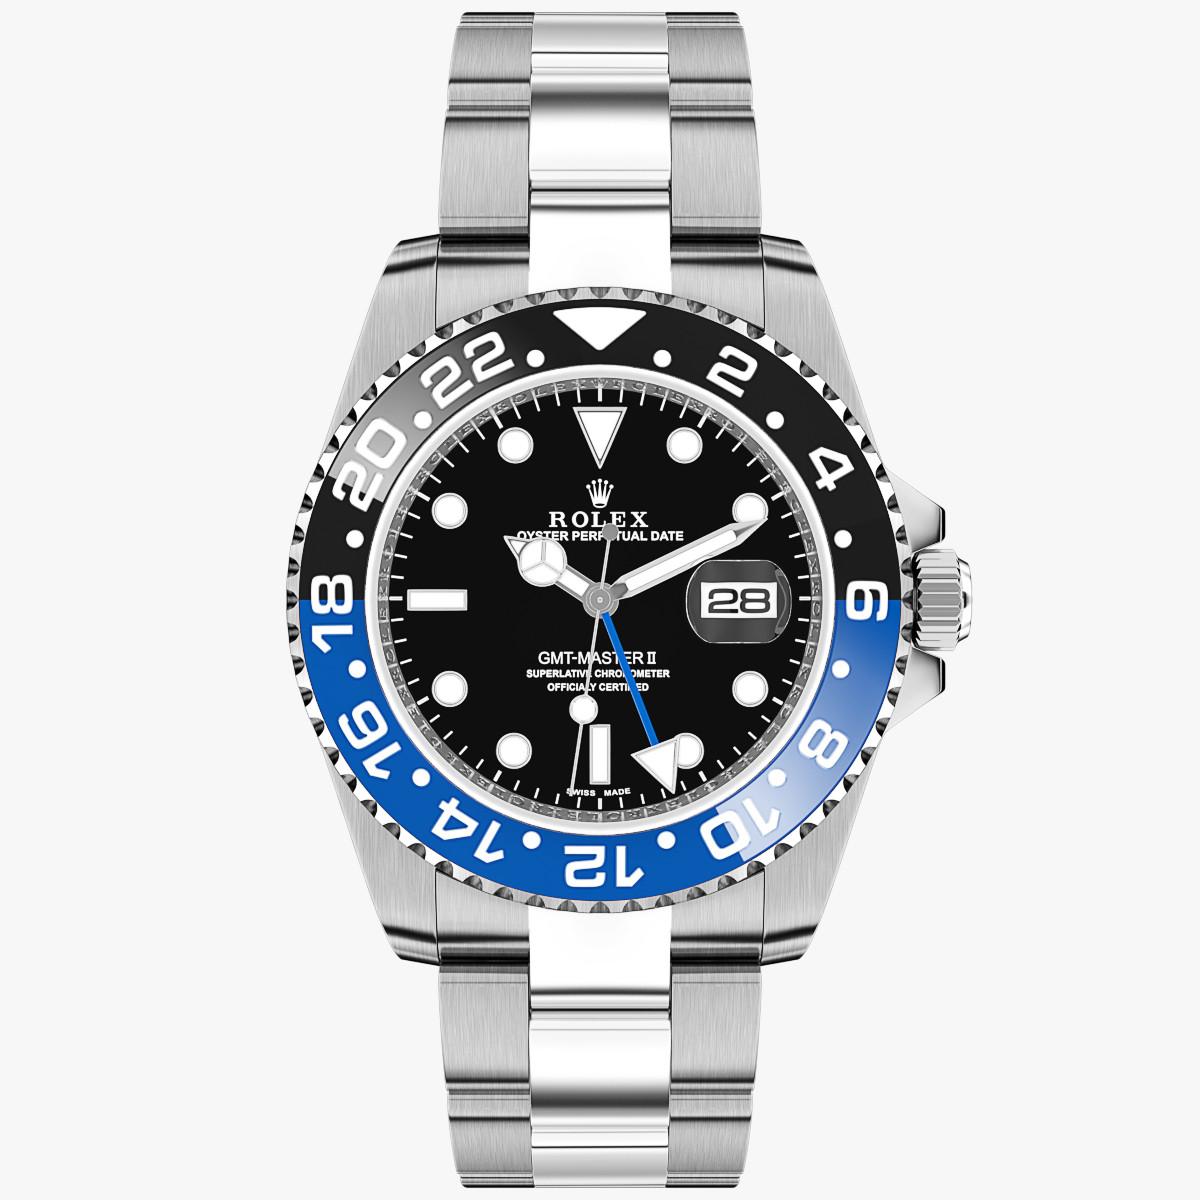 Rolex GMT-Master II Black Blue